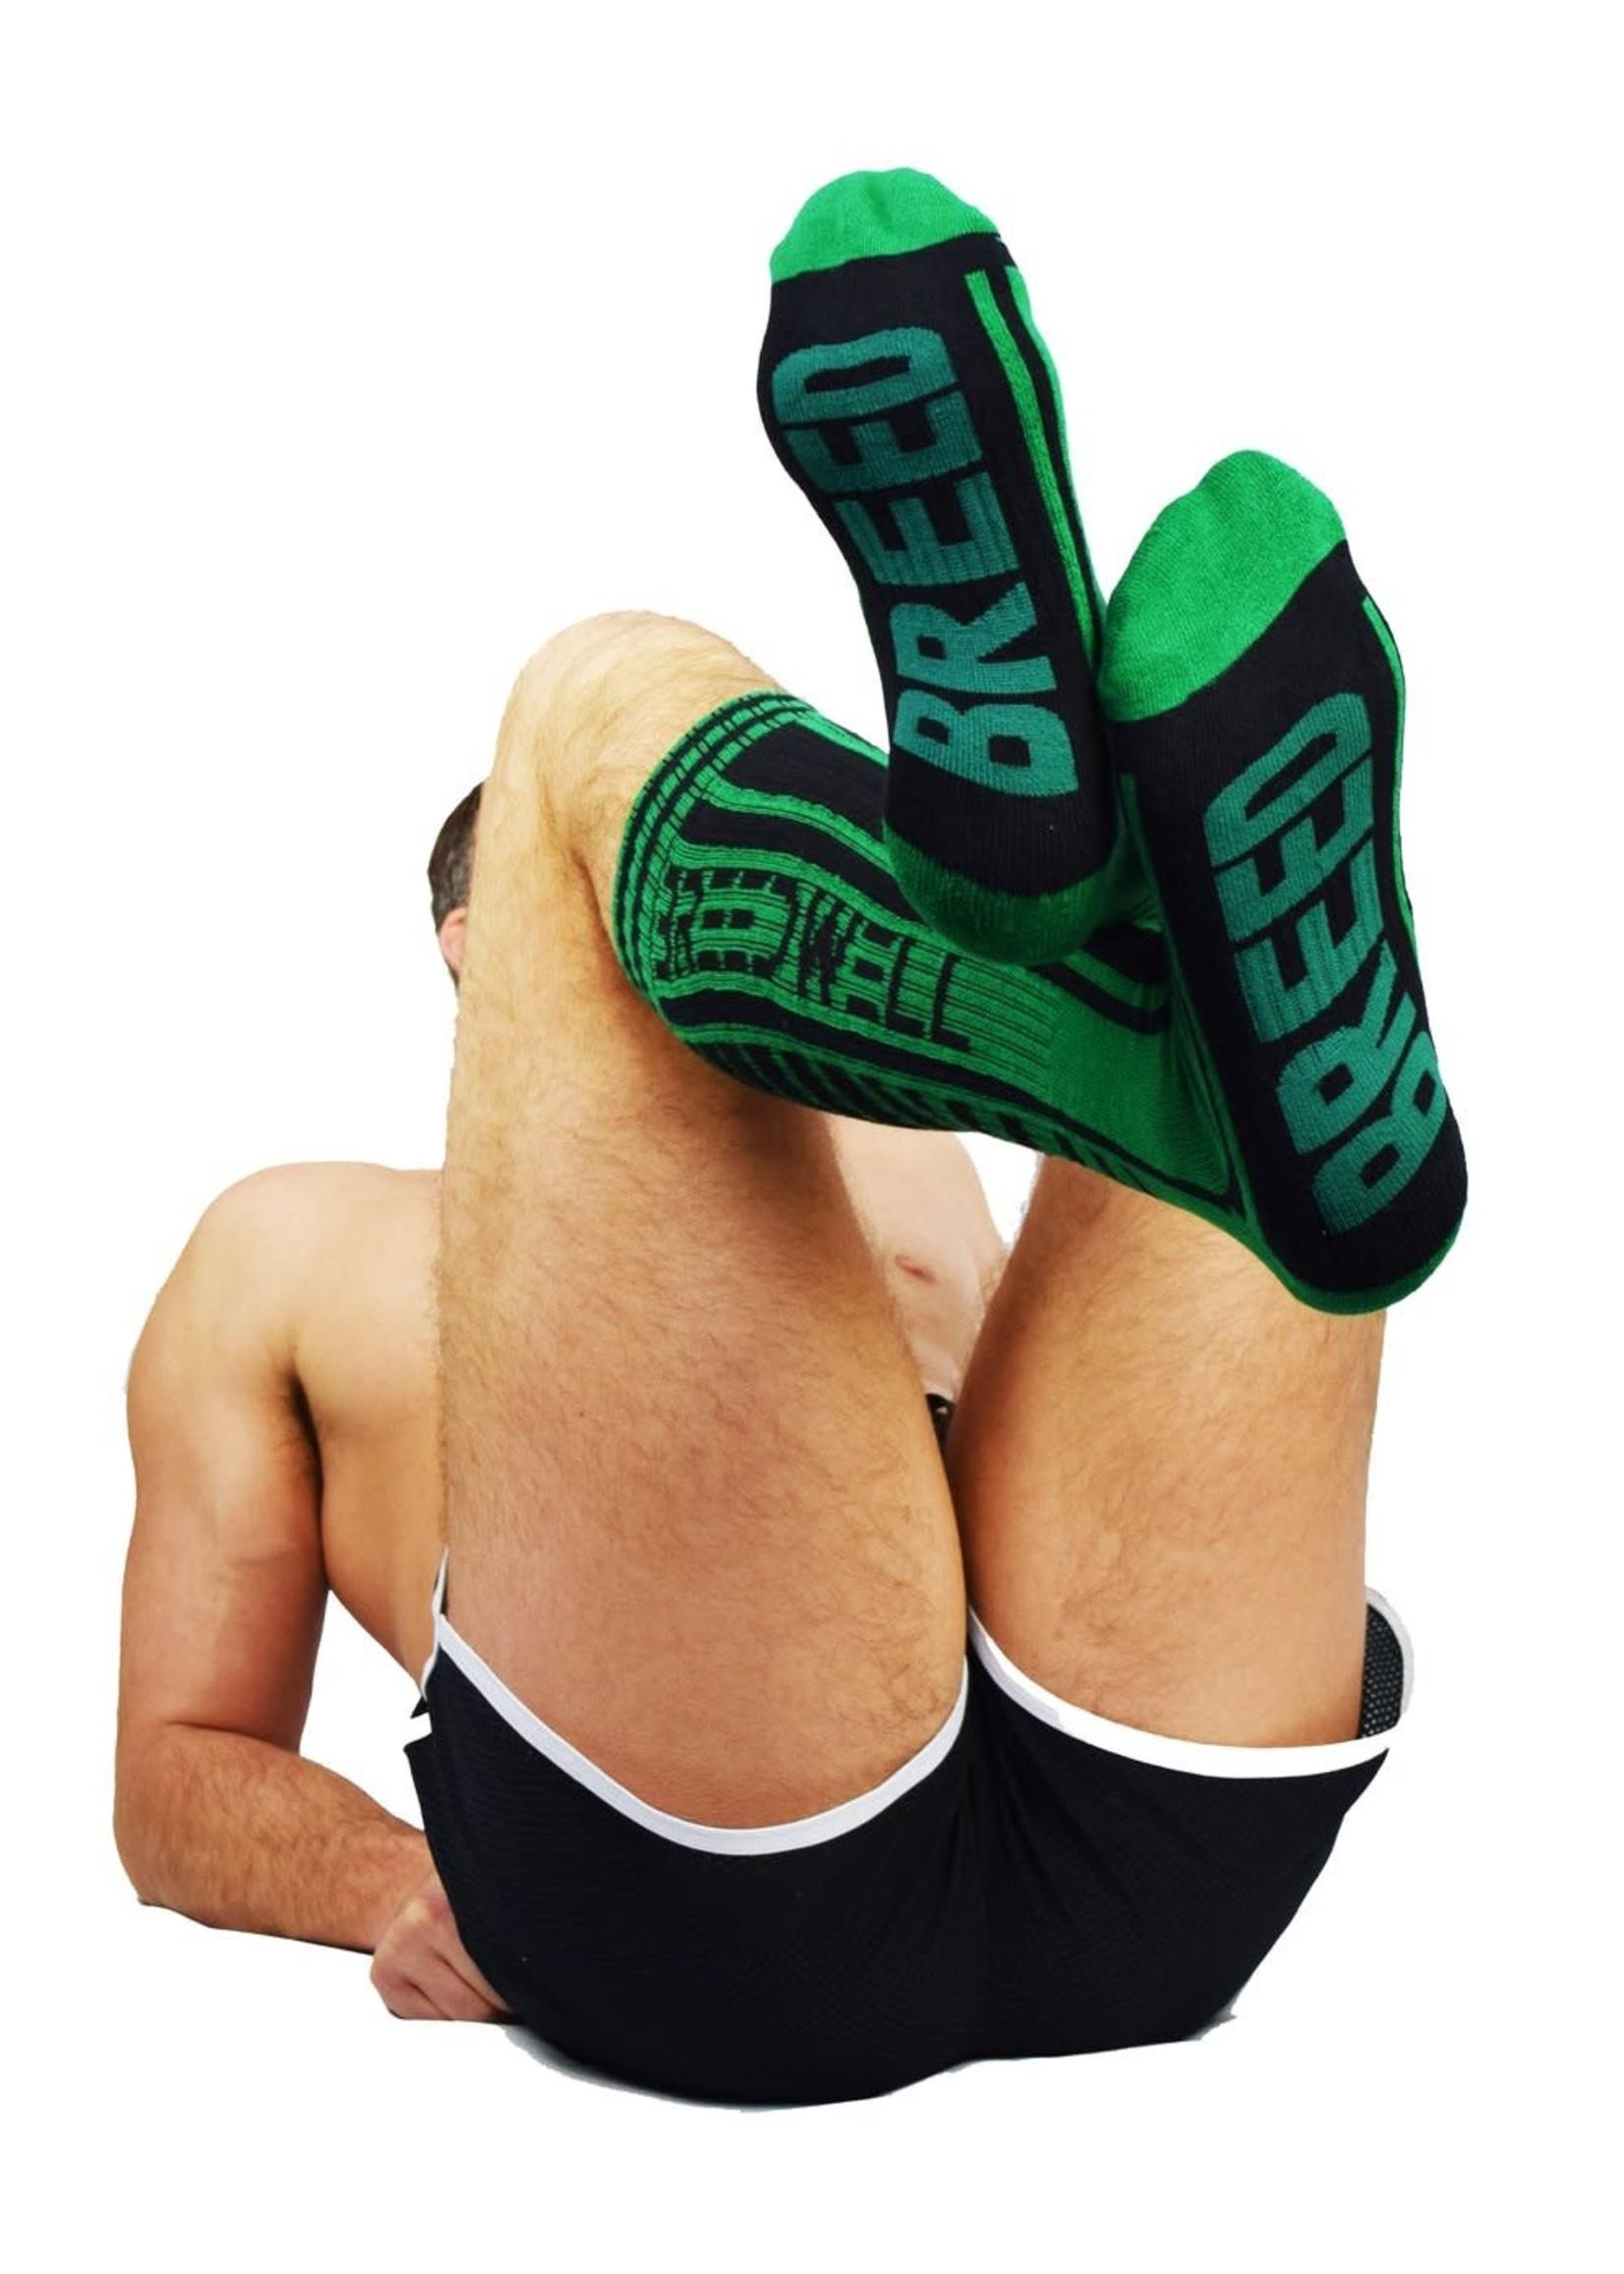 Breedwell Breedwell Moto Socks